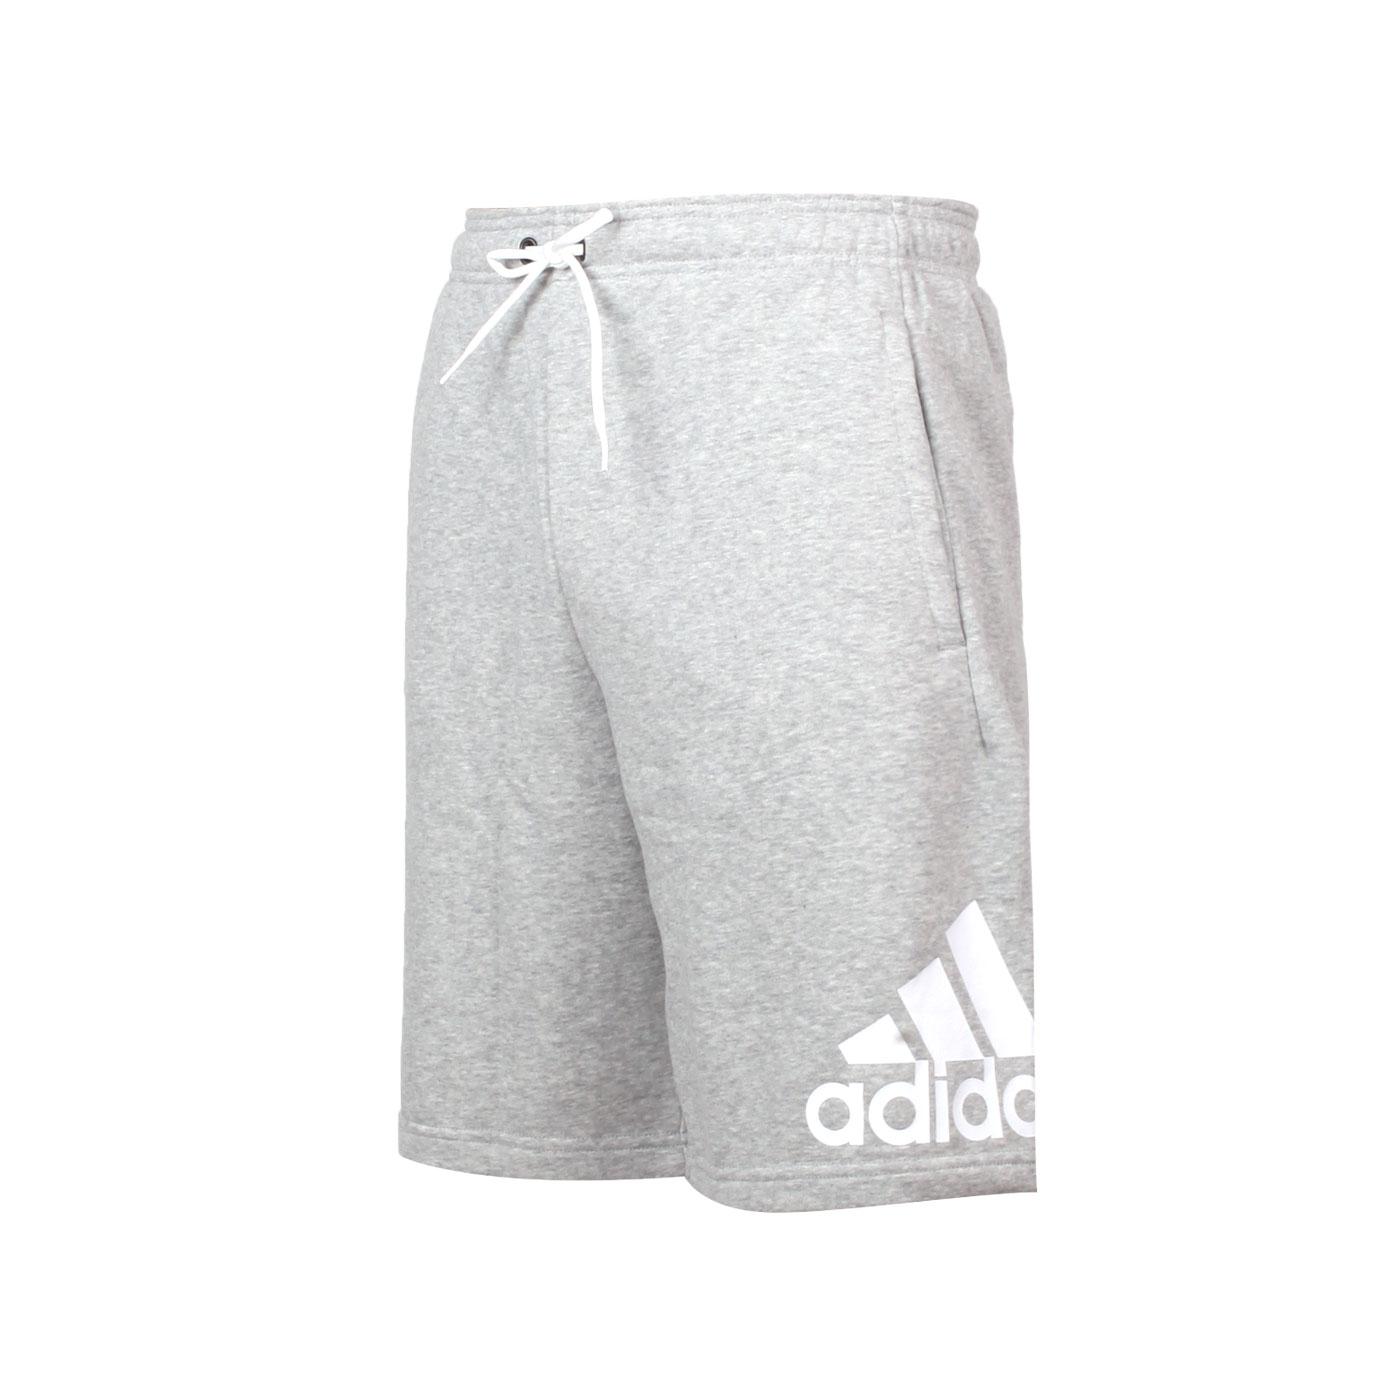 ADIDAS 男款運動短褲 EB5260 - 灰白